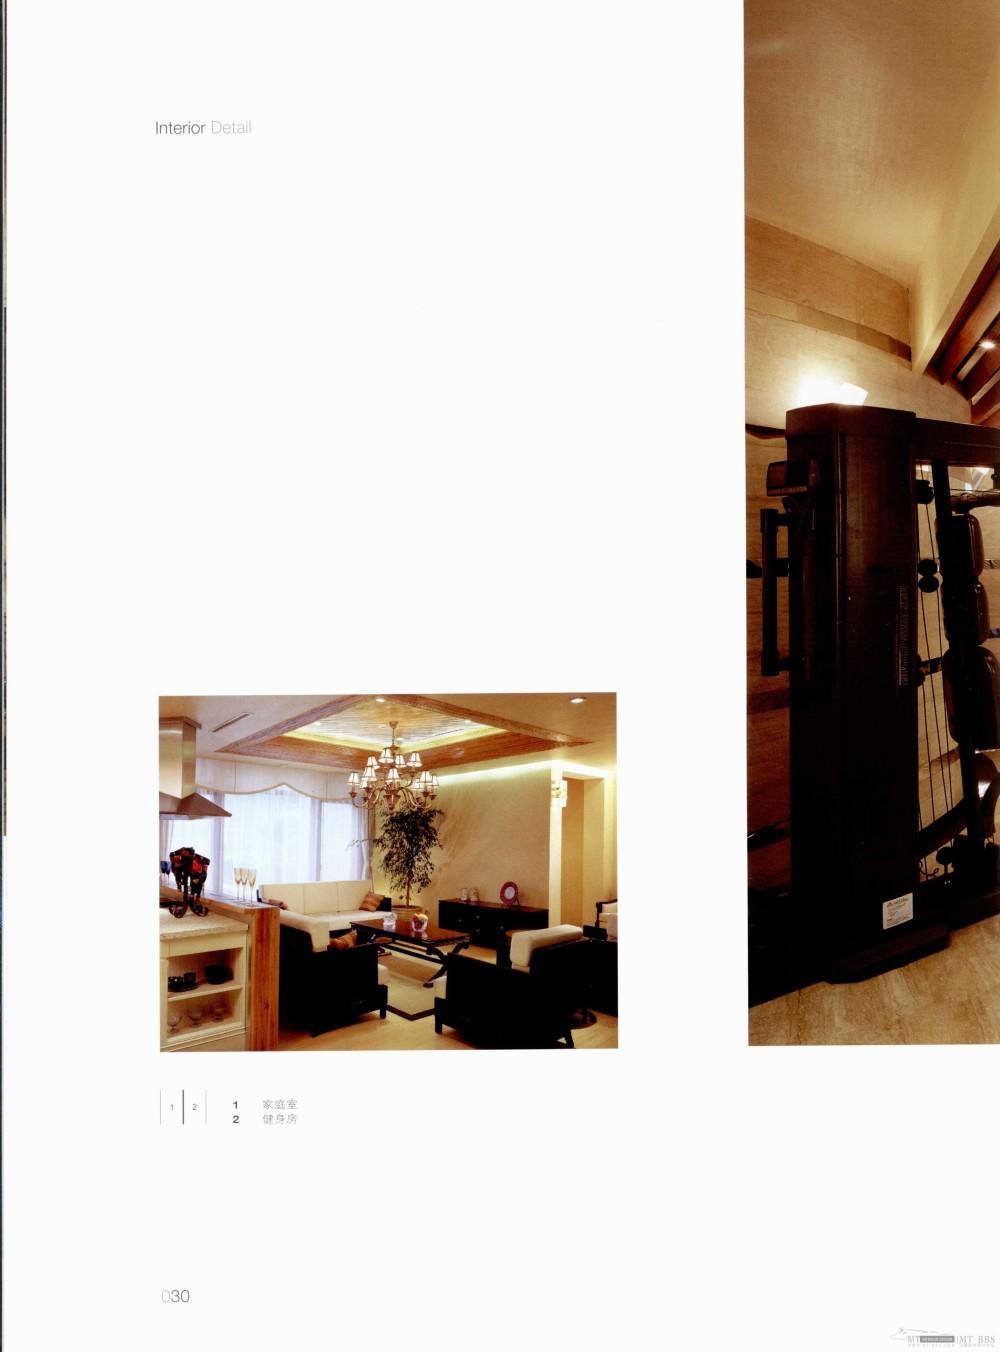 17本家装图册,已传完。_4 细部-个性家居_页面_025.jpg